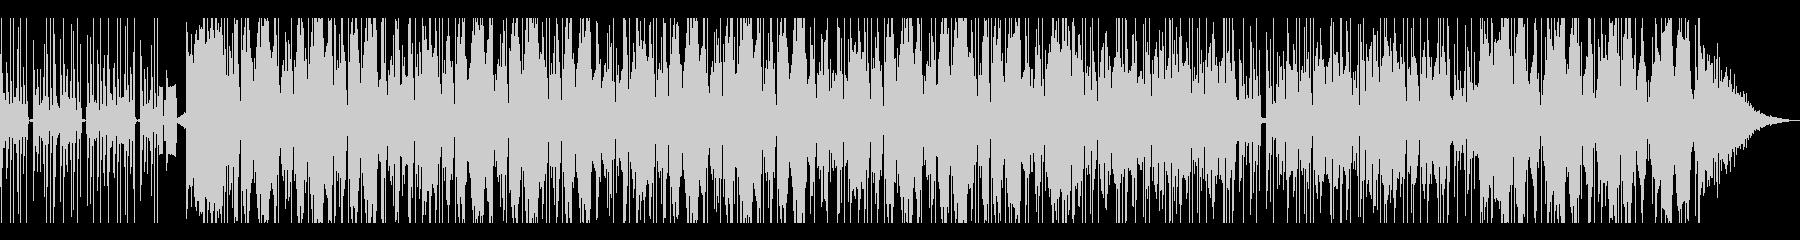 ドキドキ 焦る音の未再生の波形